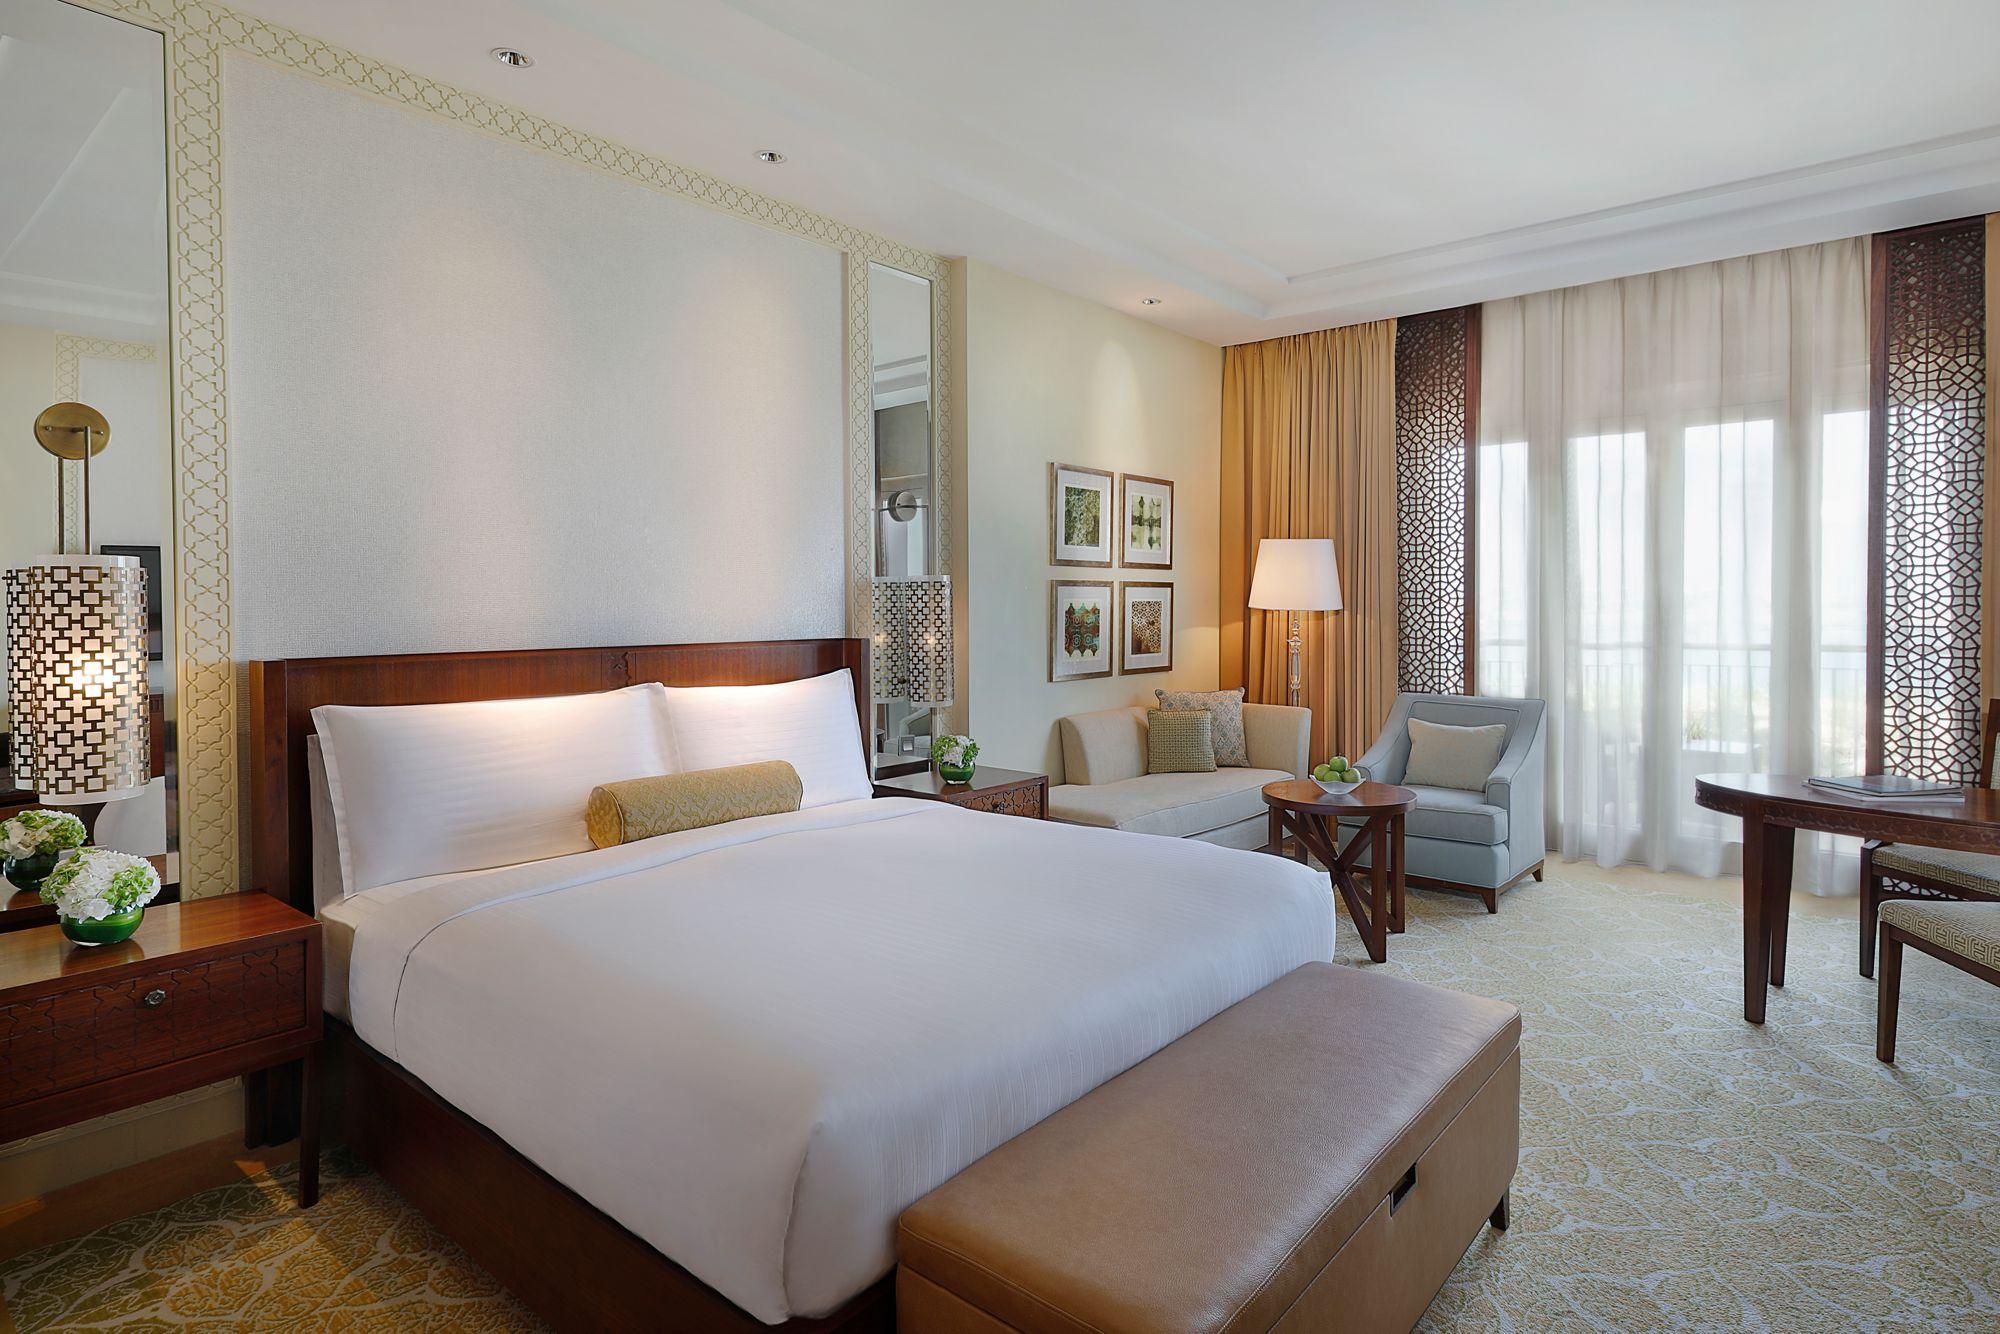 Deluxу Room із мебльованою терасою або патіо із видом на море, розрахована на двох дорослих гостей. Мармурова ванна кімната, пастельні кольори інтер'єру, багато вільного простору та зручні аксесуари зроблять ваш відпочинок у готелі незабутнім.